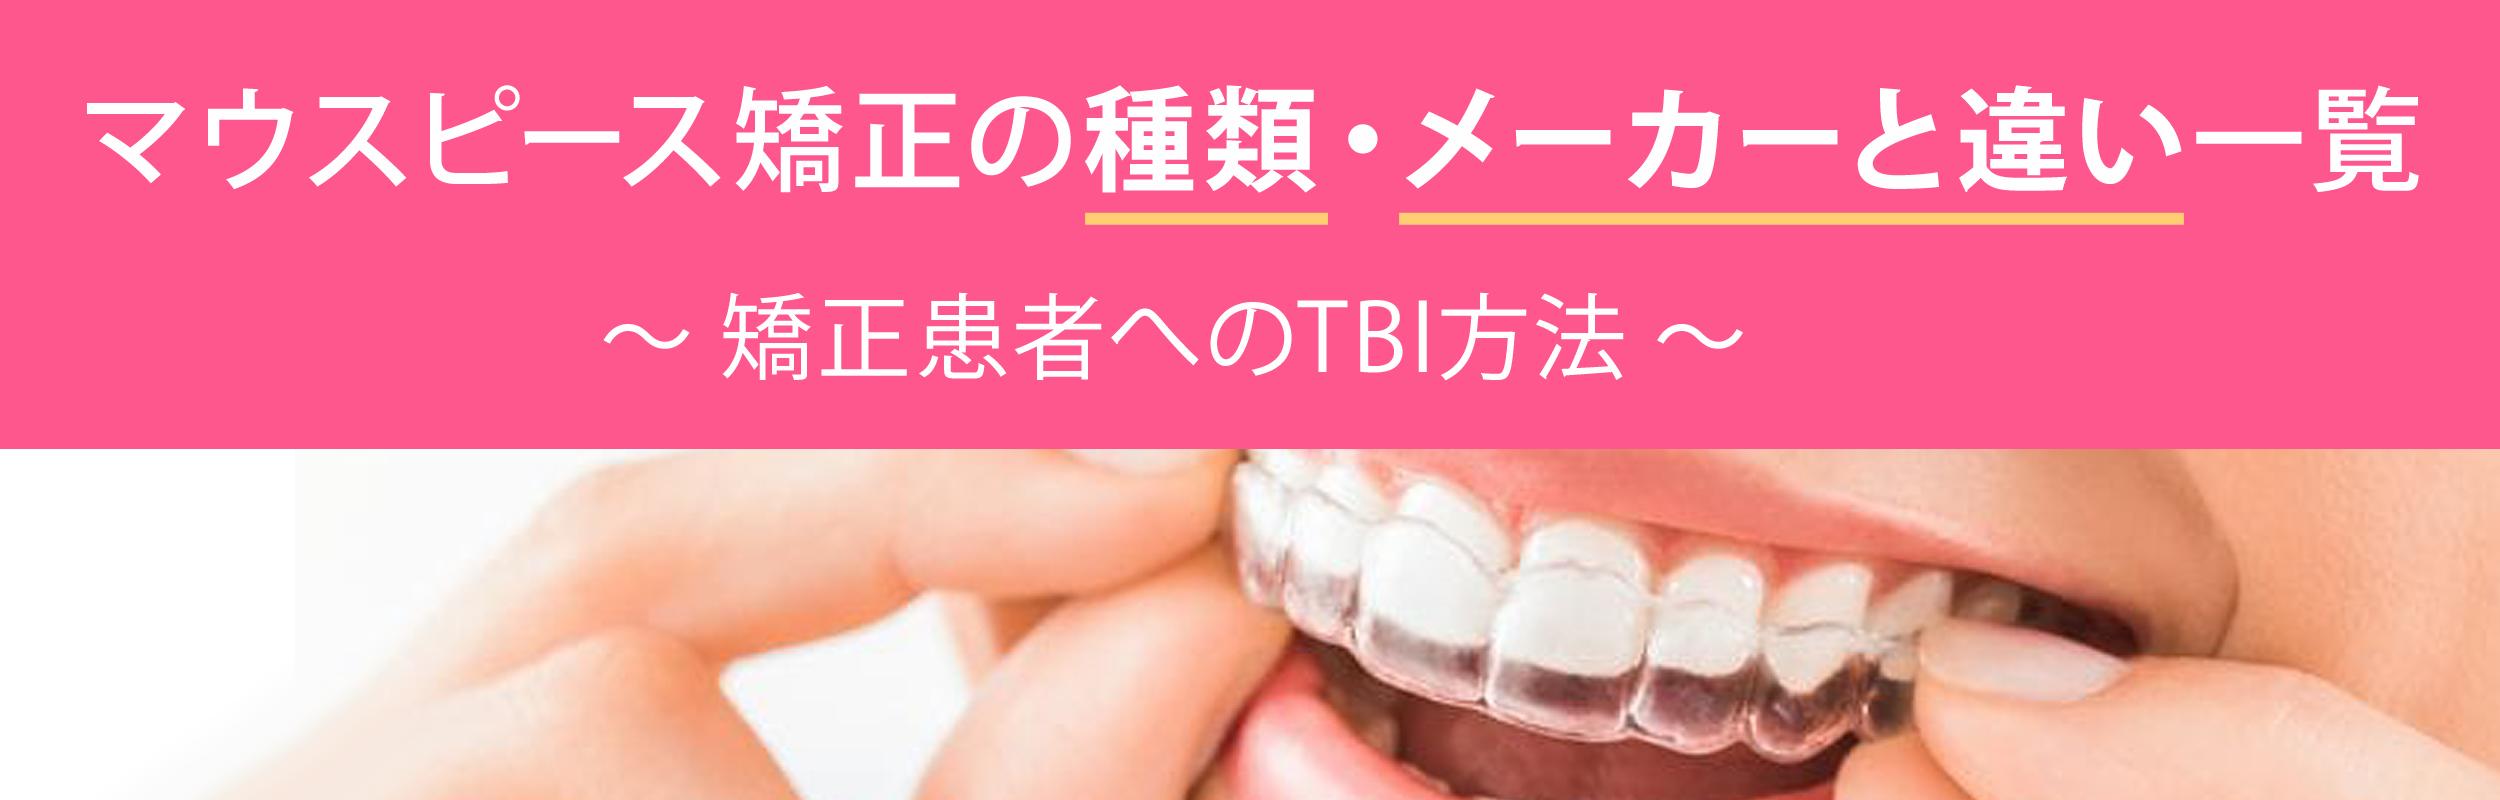 歯科衛生士コラム マウスピース矯正の種類・メーカーと違い一覧。矯正患者へのTBI方法